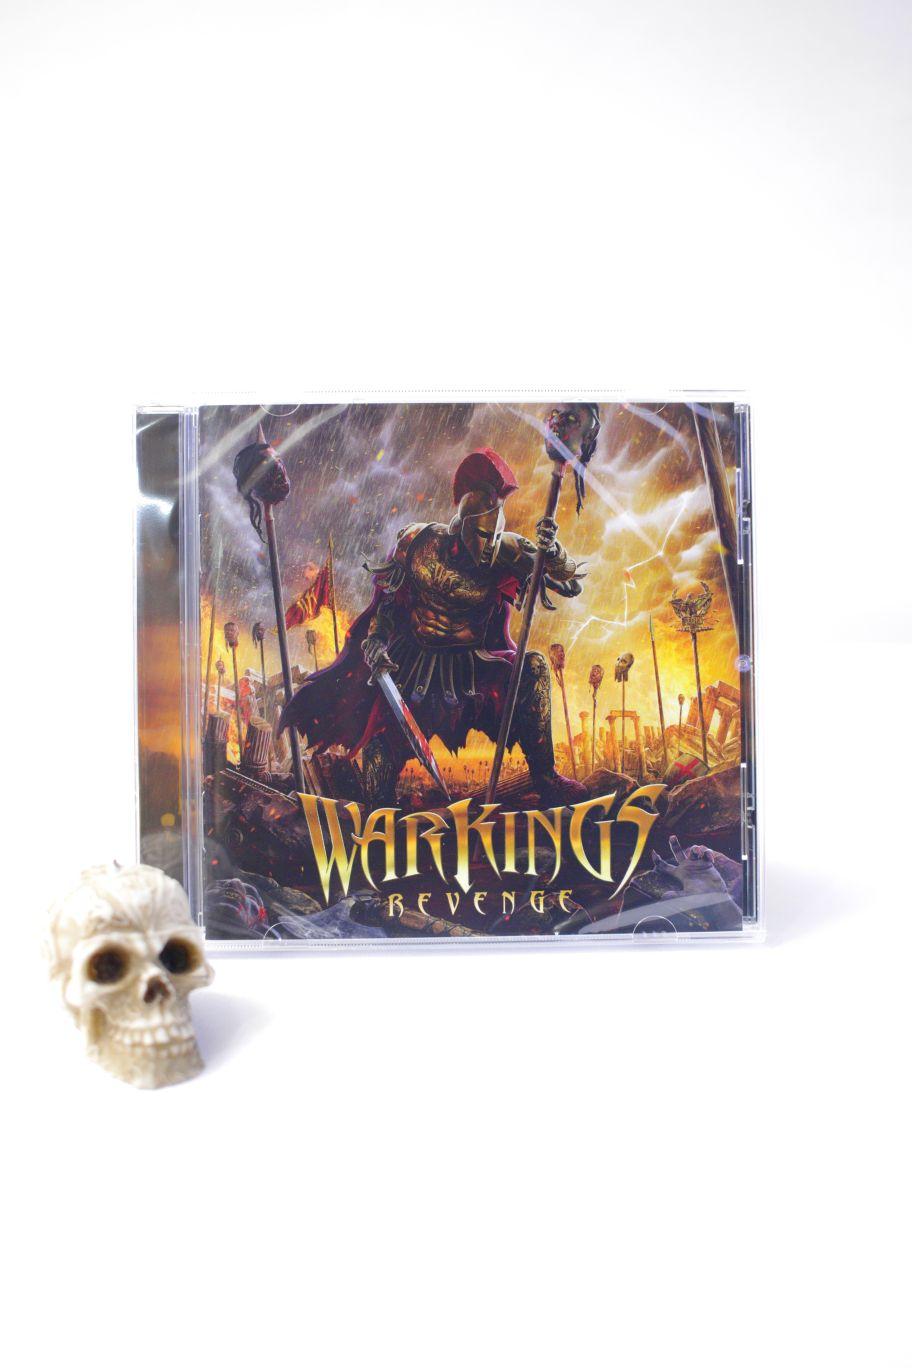 CD WARKINGS REVENGE